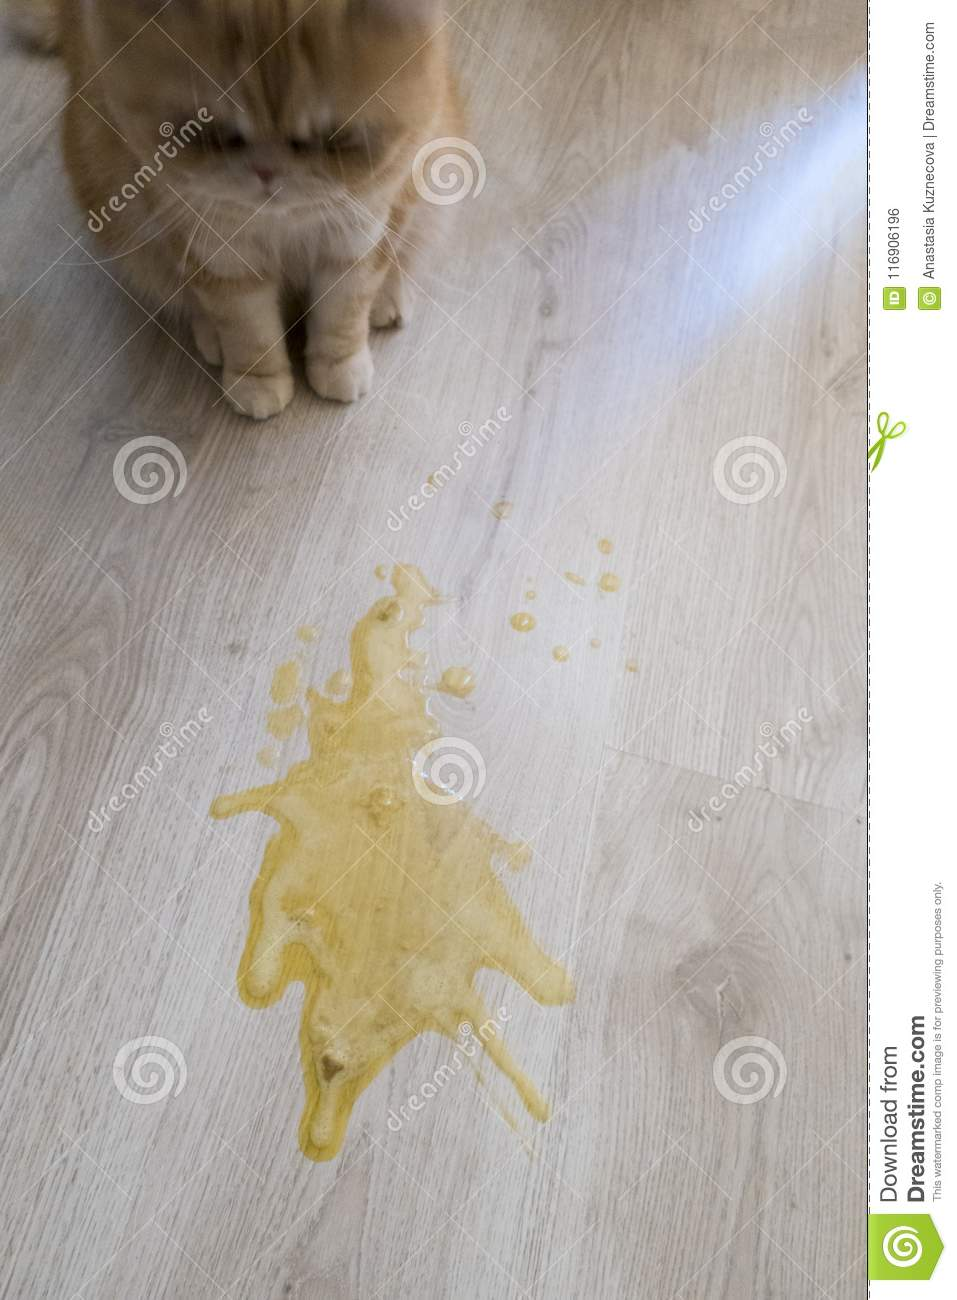 Кошку рвет желчью: причины, методы лечения